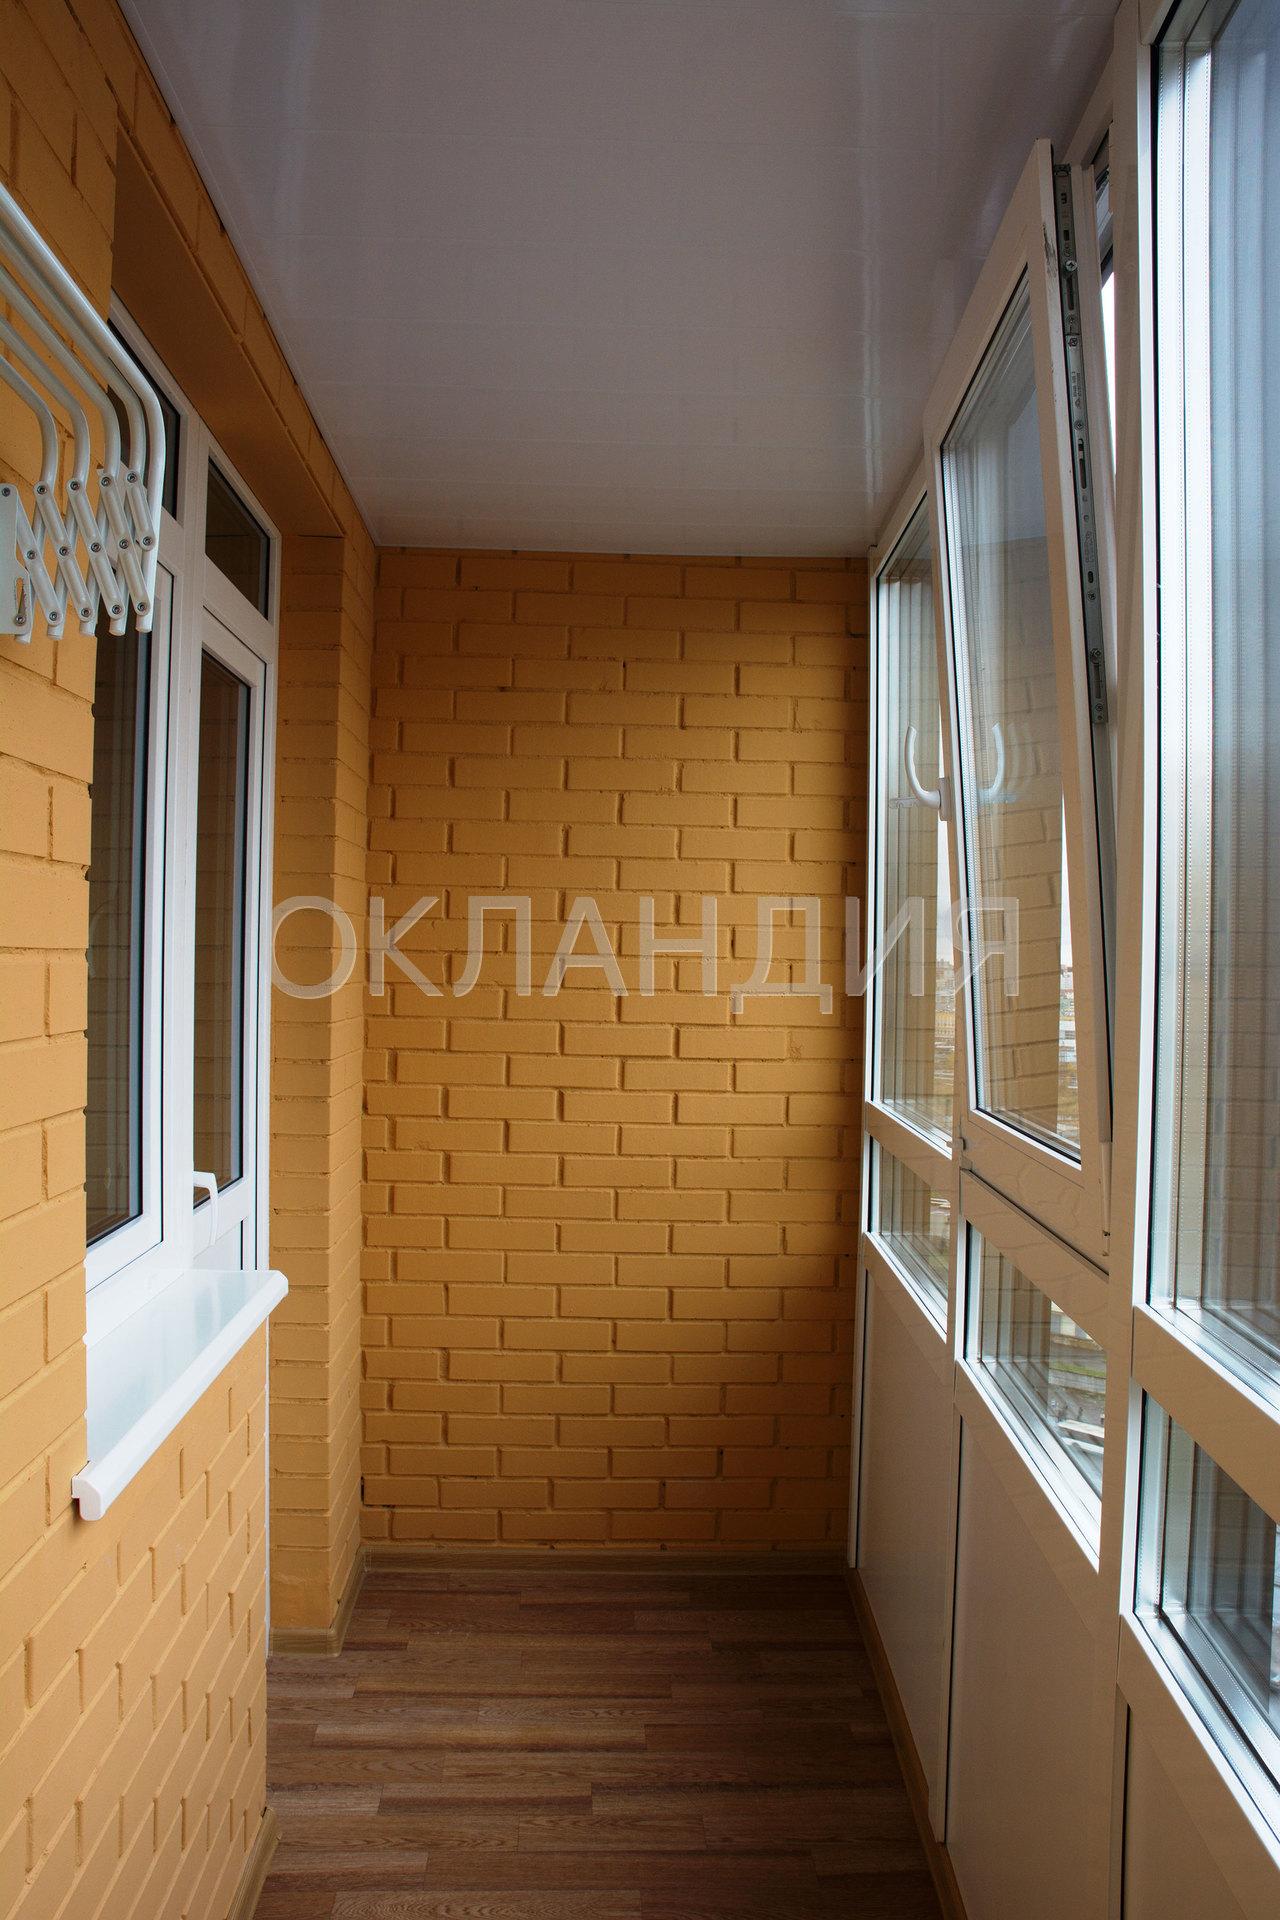 Переостекление фасадной холодной лоджии и покраска стен в жк.